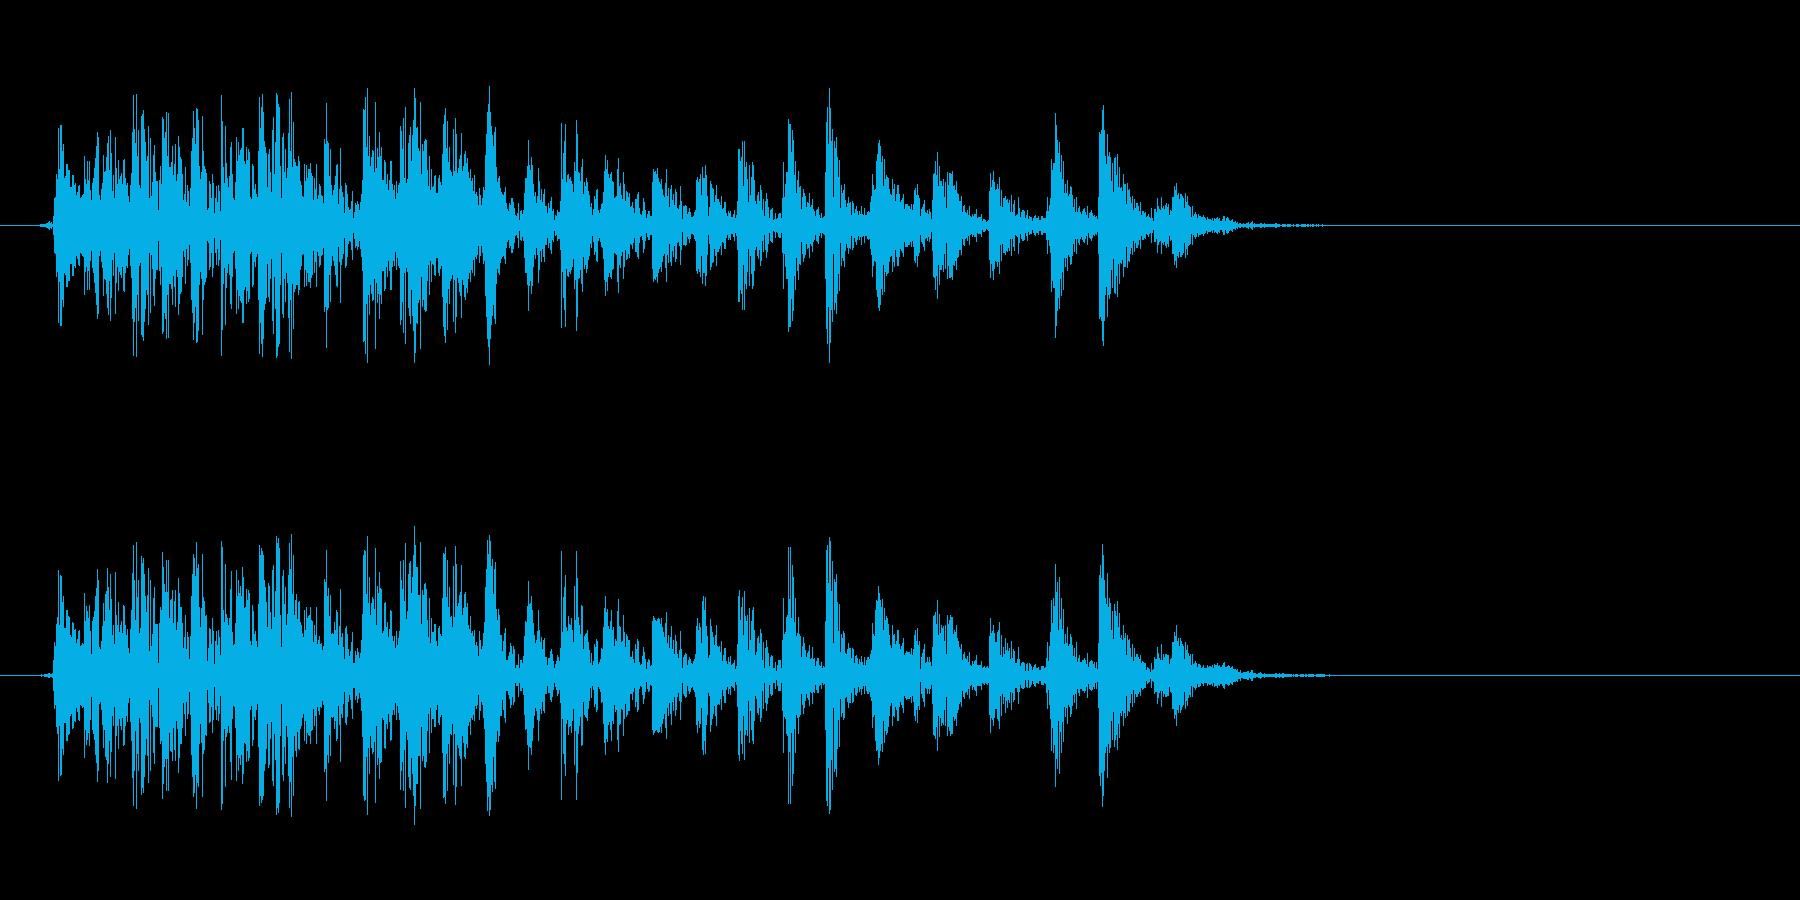 [生録音]ゲップ音02(ミドル)の再生済みの波形